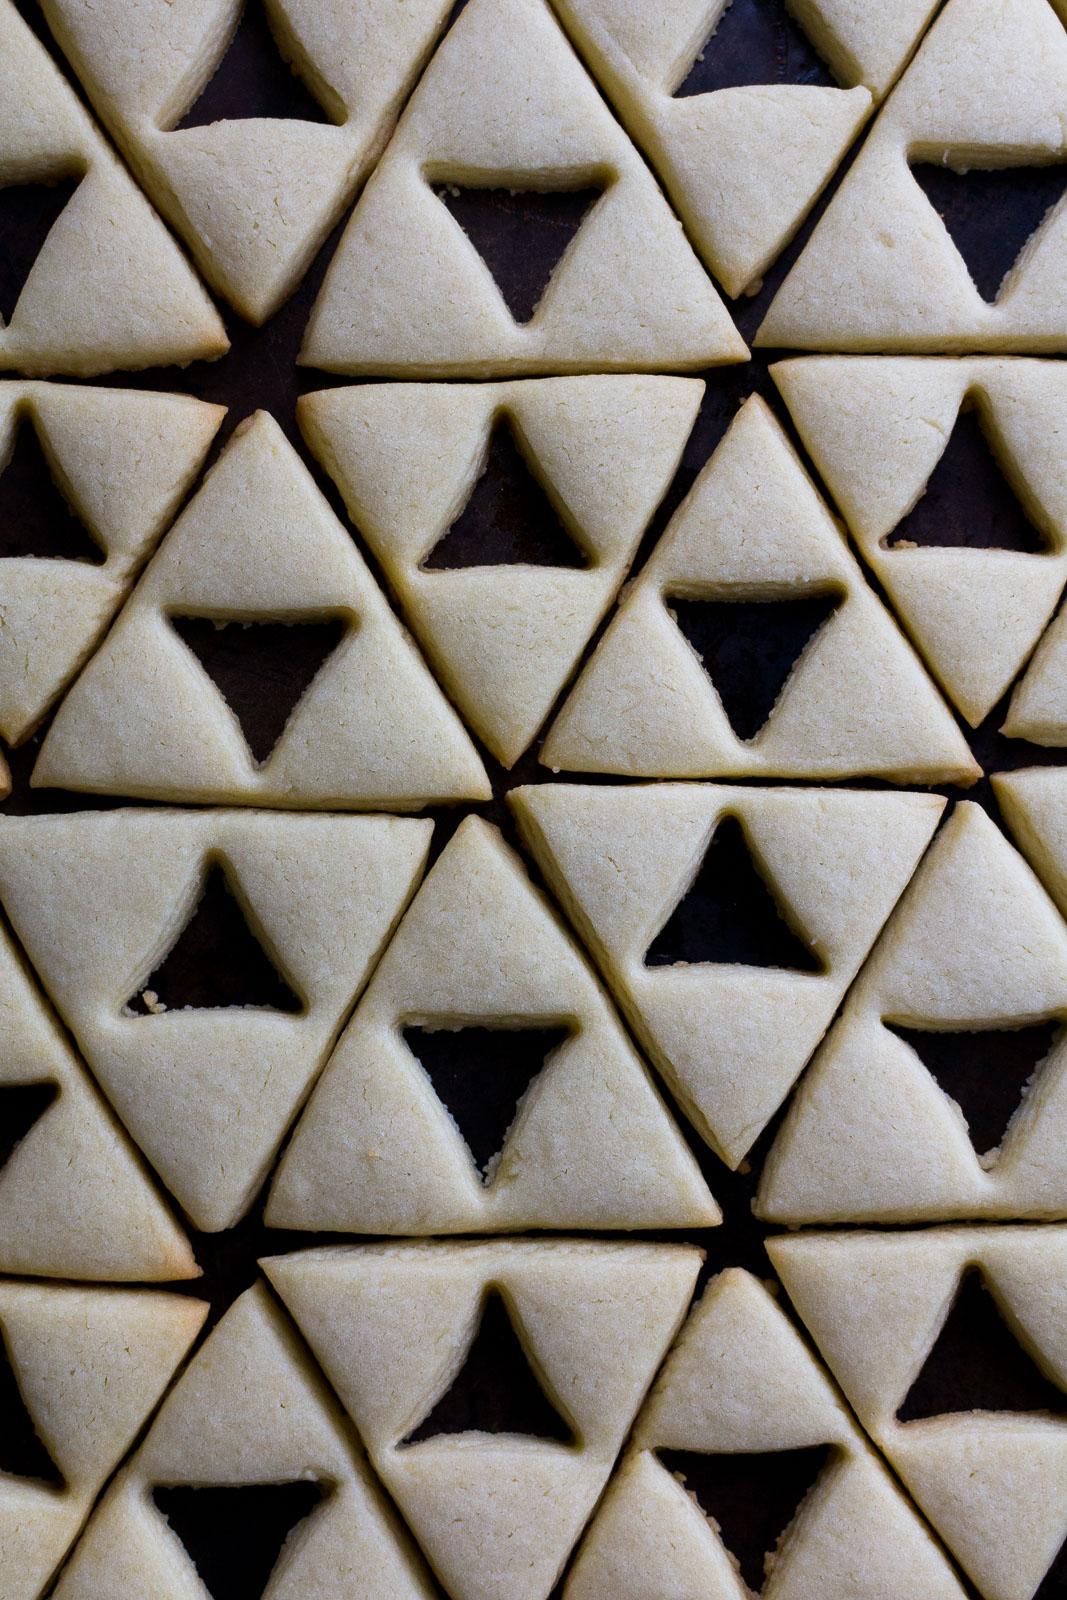 triforce-linzer-cookies-3.jpg